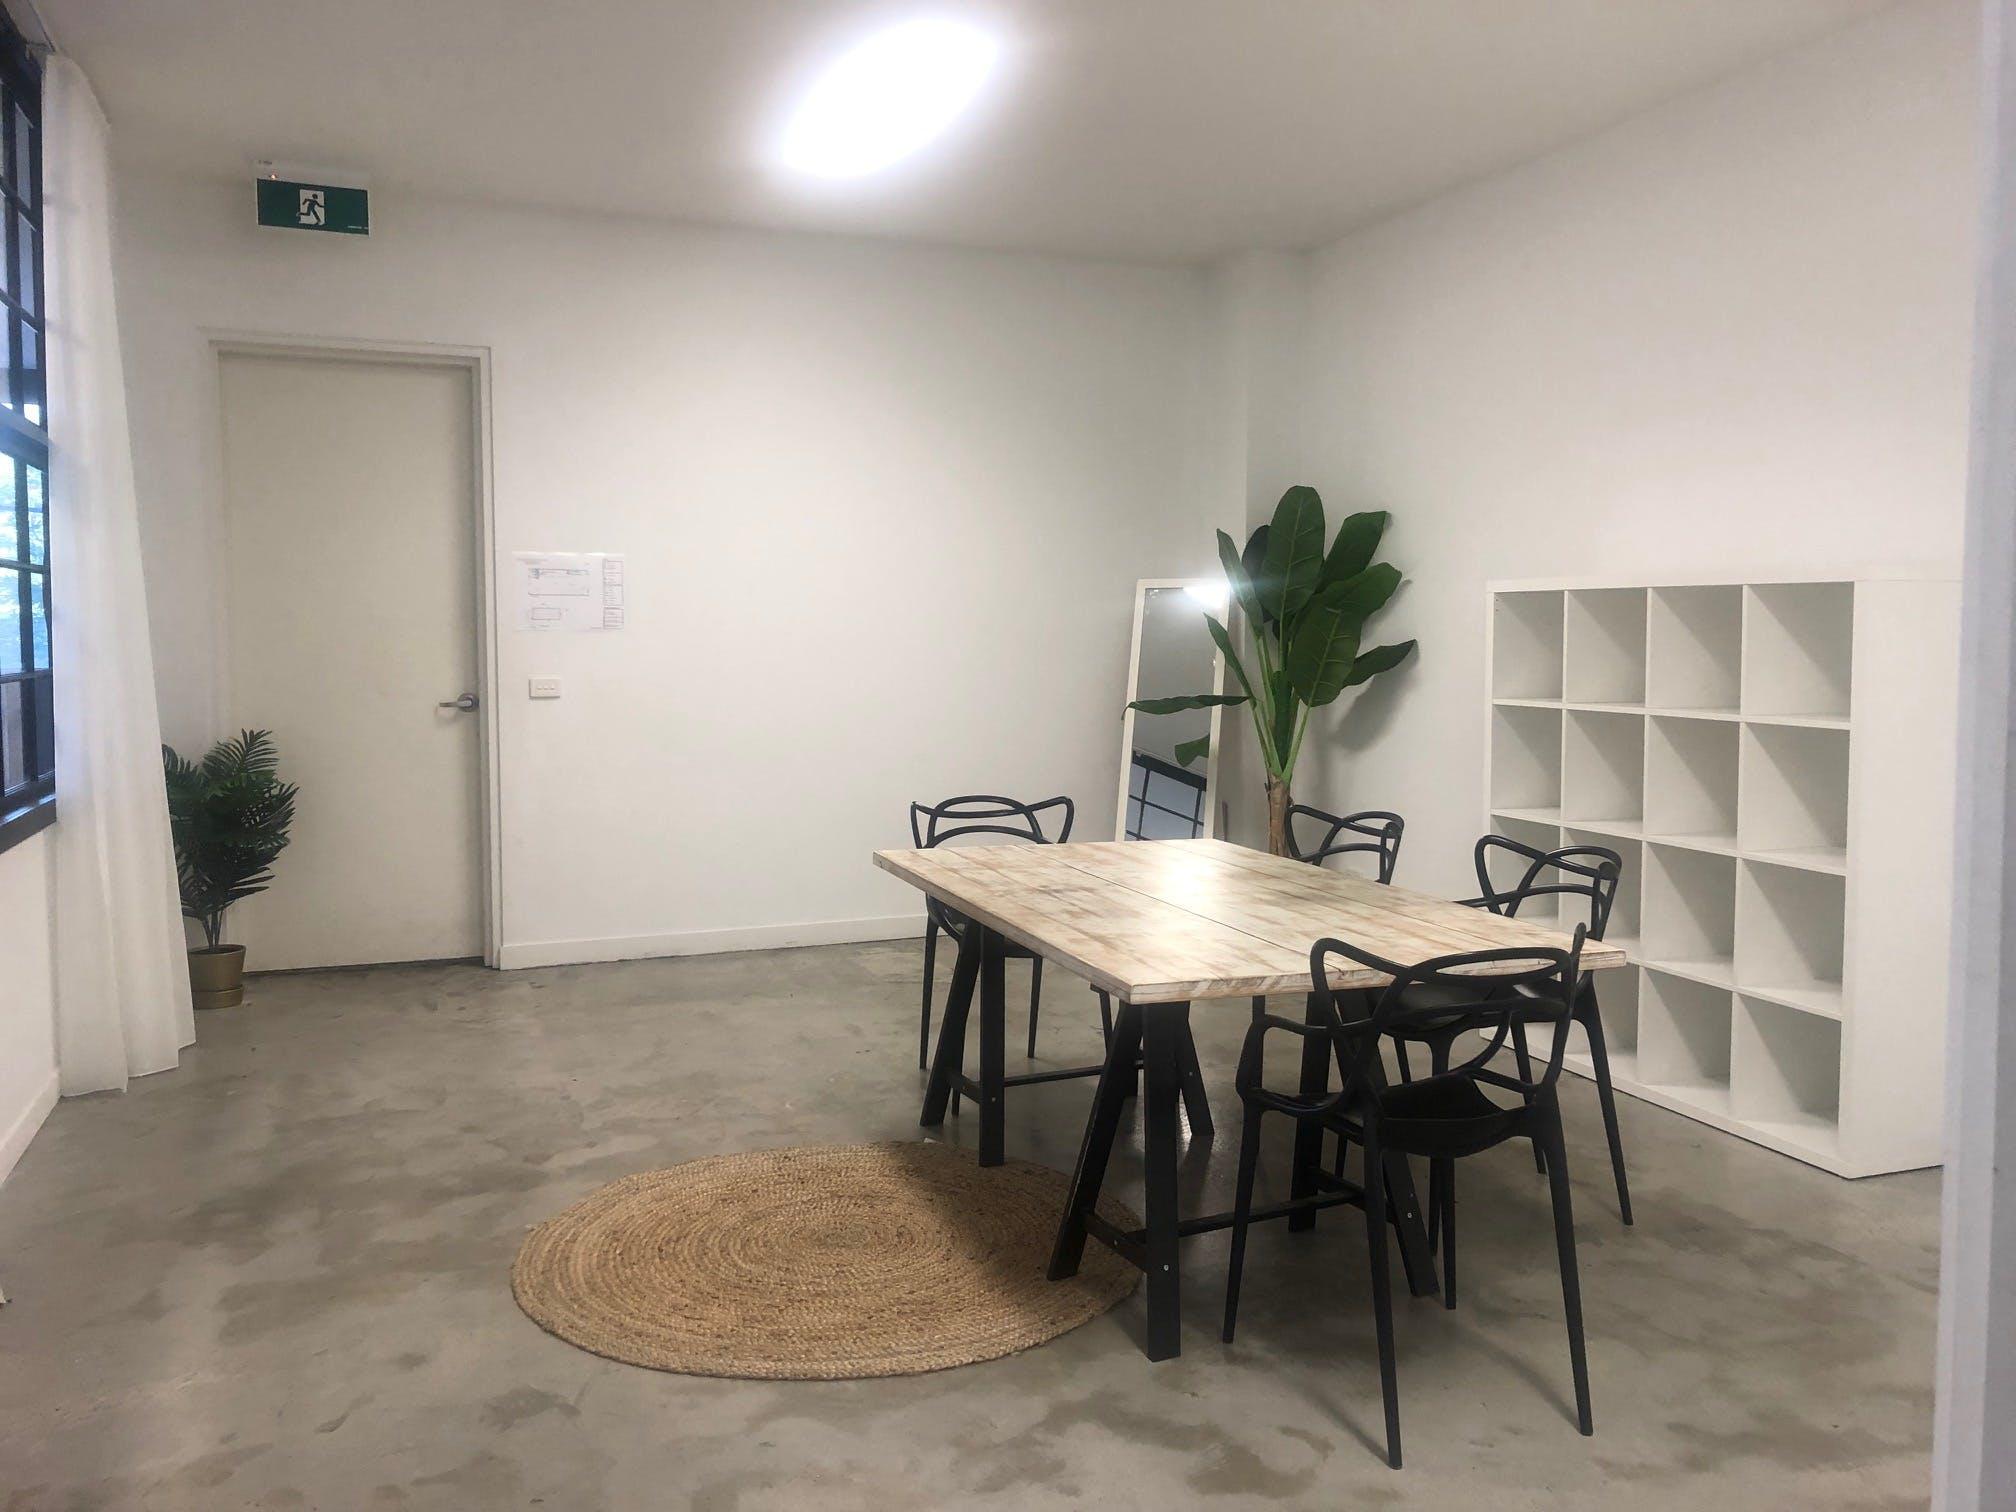 Studio Hub , multi-use area at Studio114, image 1